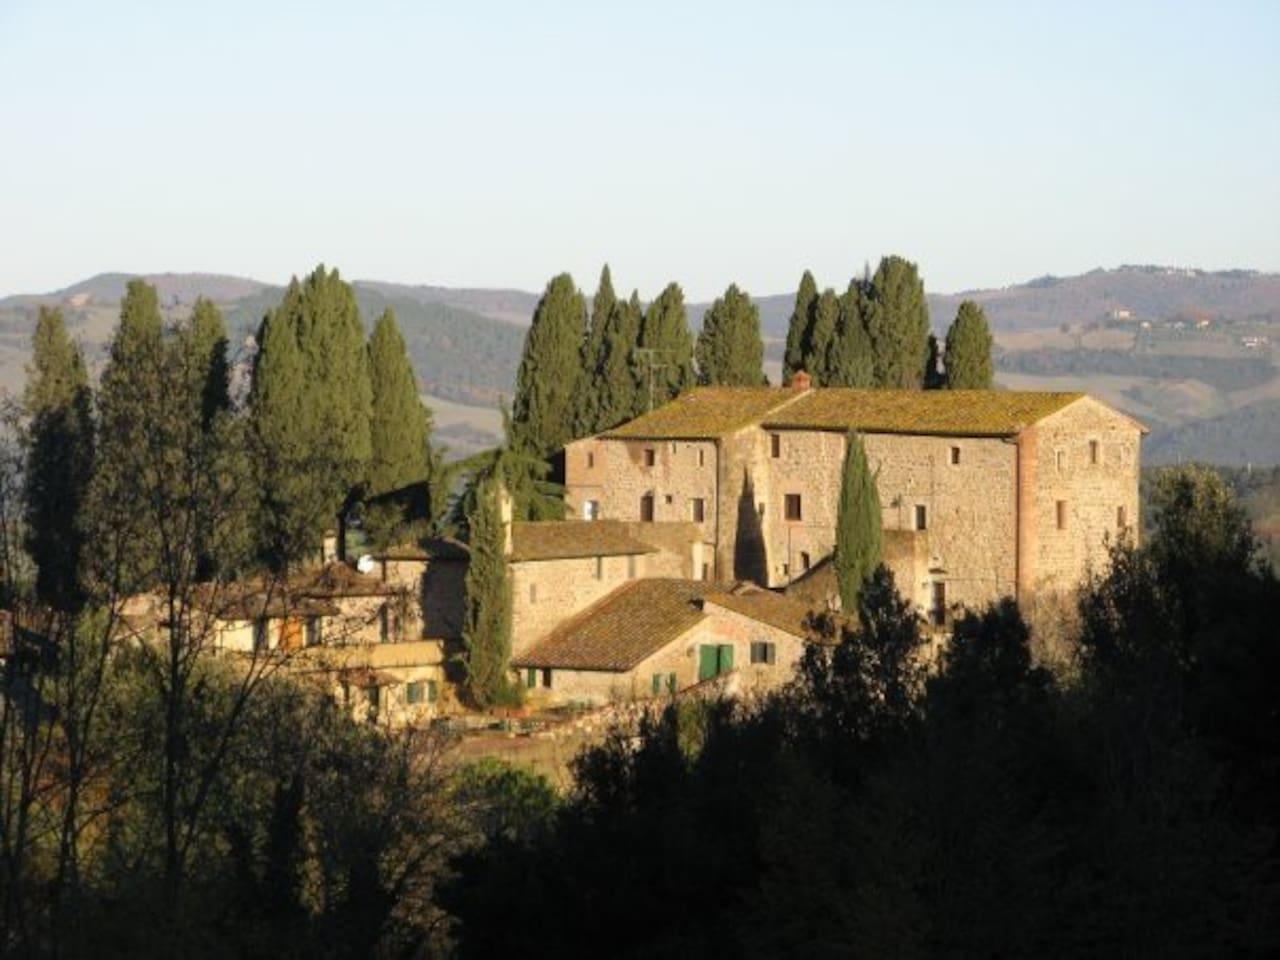 View of Farneta